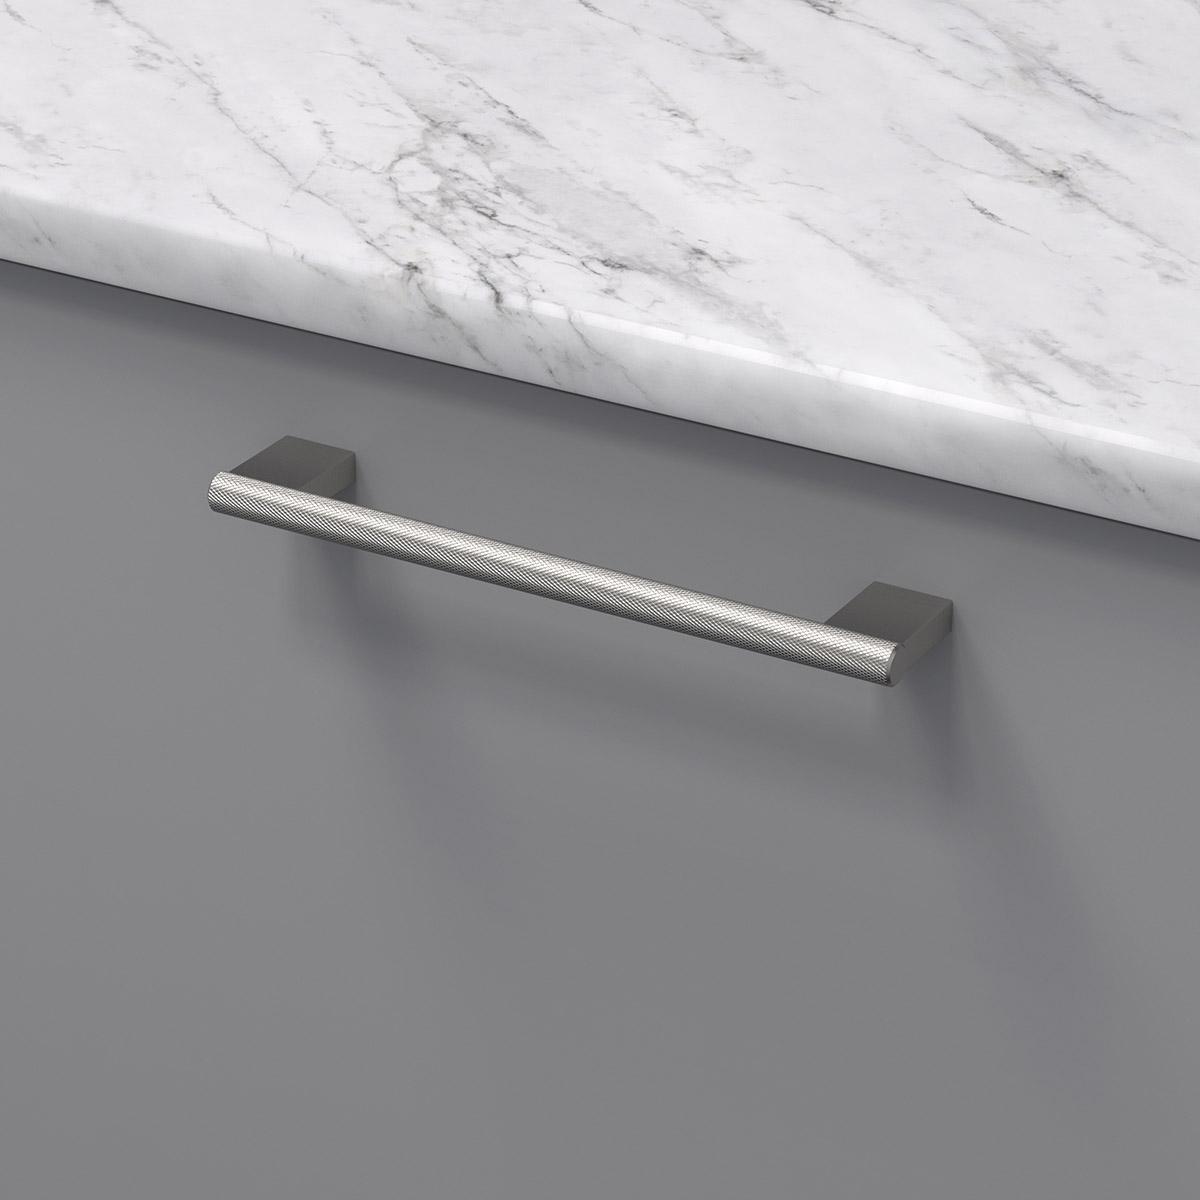 Handtag graf mini rostfri look 370232 11 cc 160 mm ncs s 4500 n marmor carrara